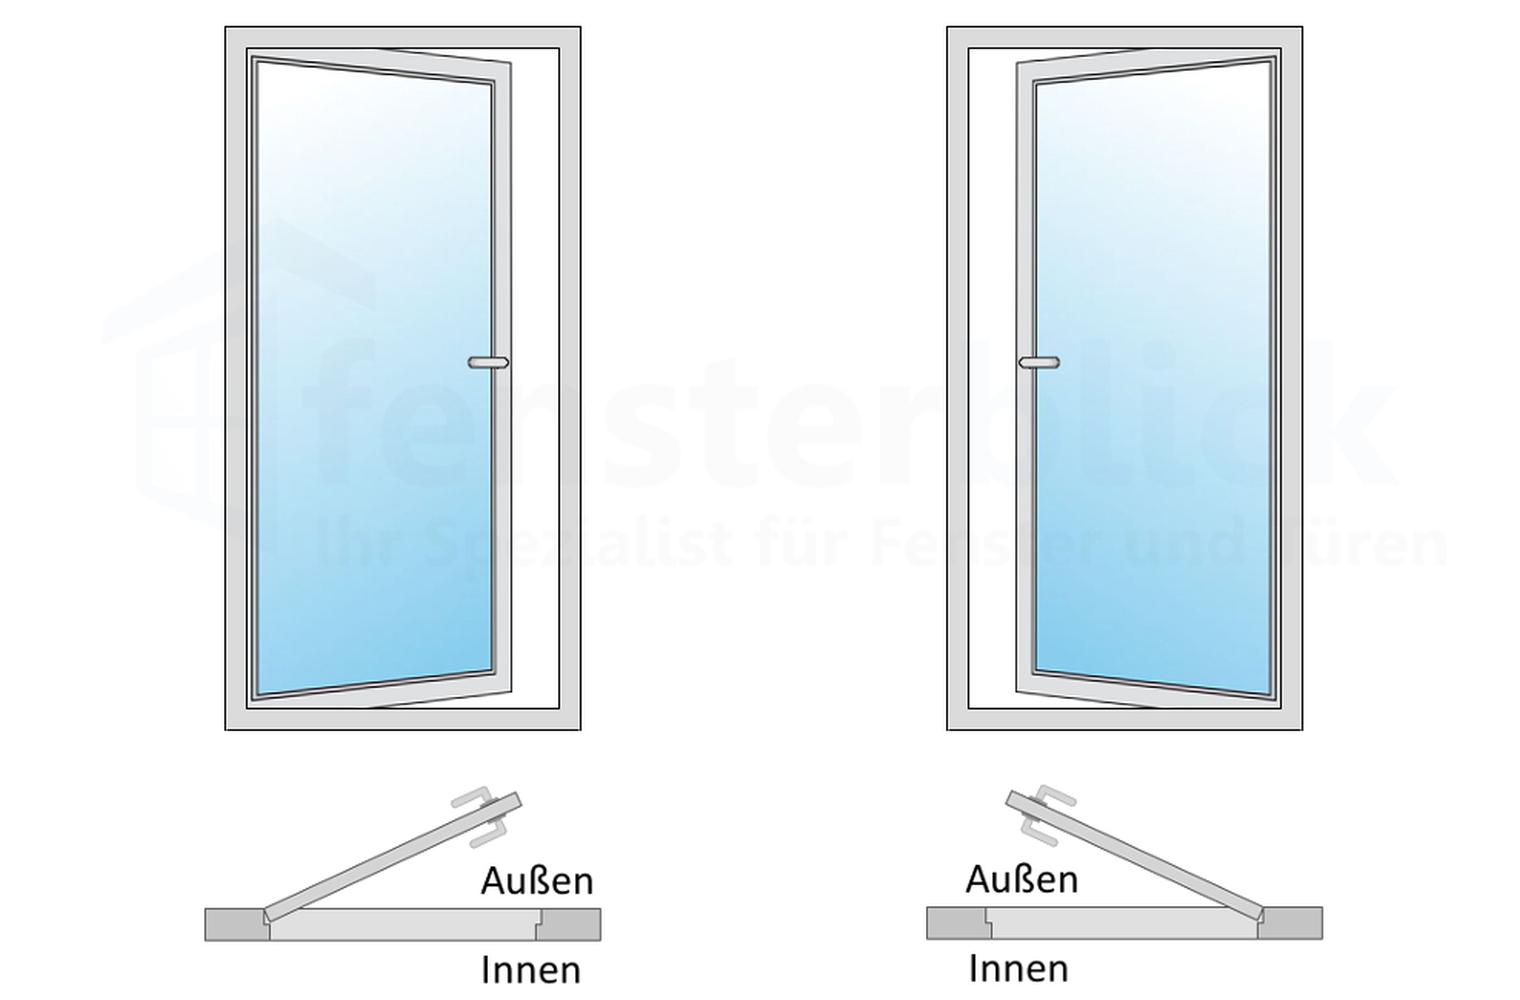 Full Size of Drutex Erfahrungen Forum Terrassentr Nach Auen Ffnend Fensterblickde Fenster Test Wohnzimmer Drutex Erfahrungen Forum